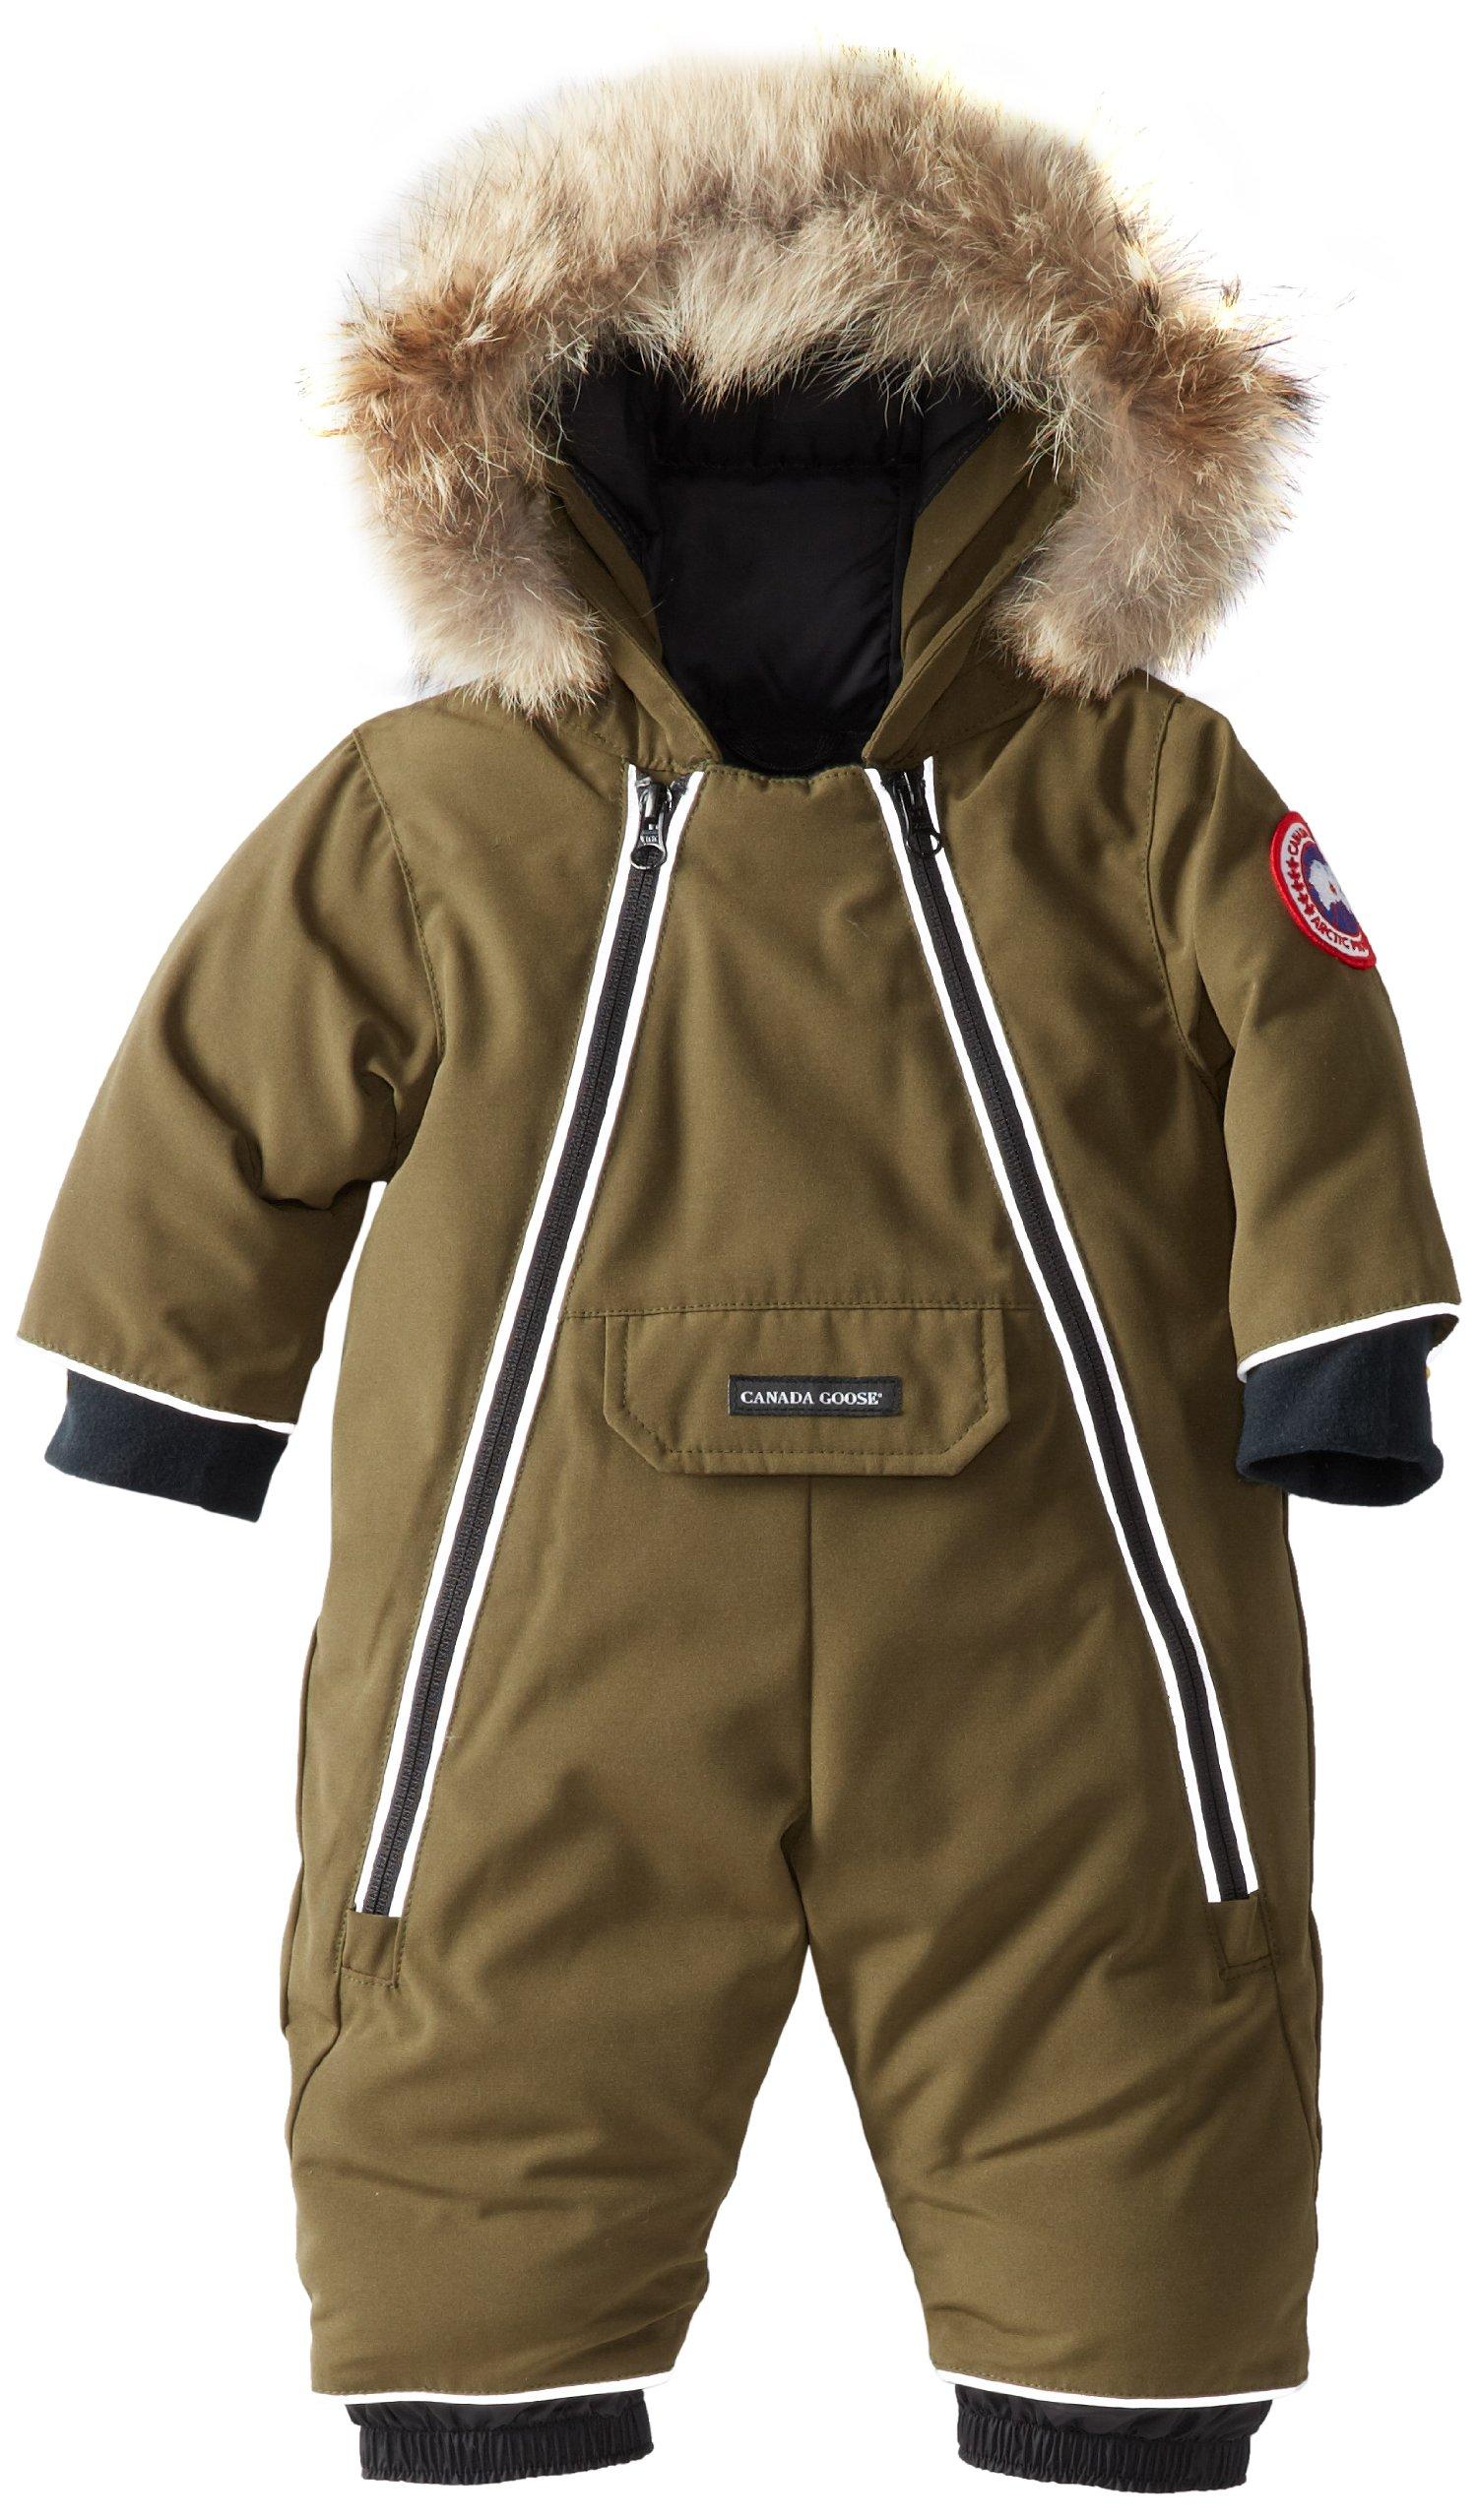 Canada Goose Baby SnowSuit Especial